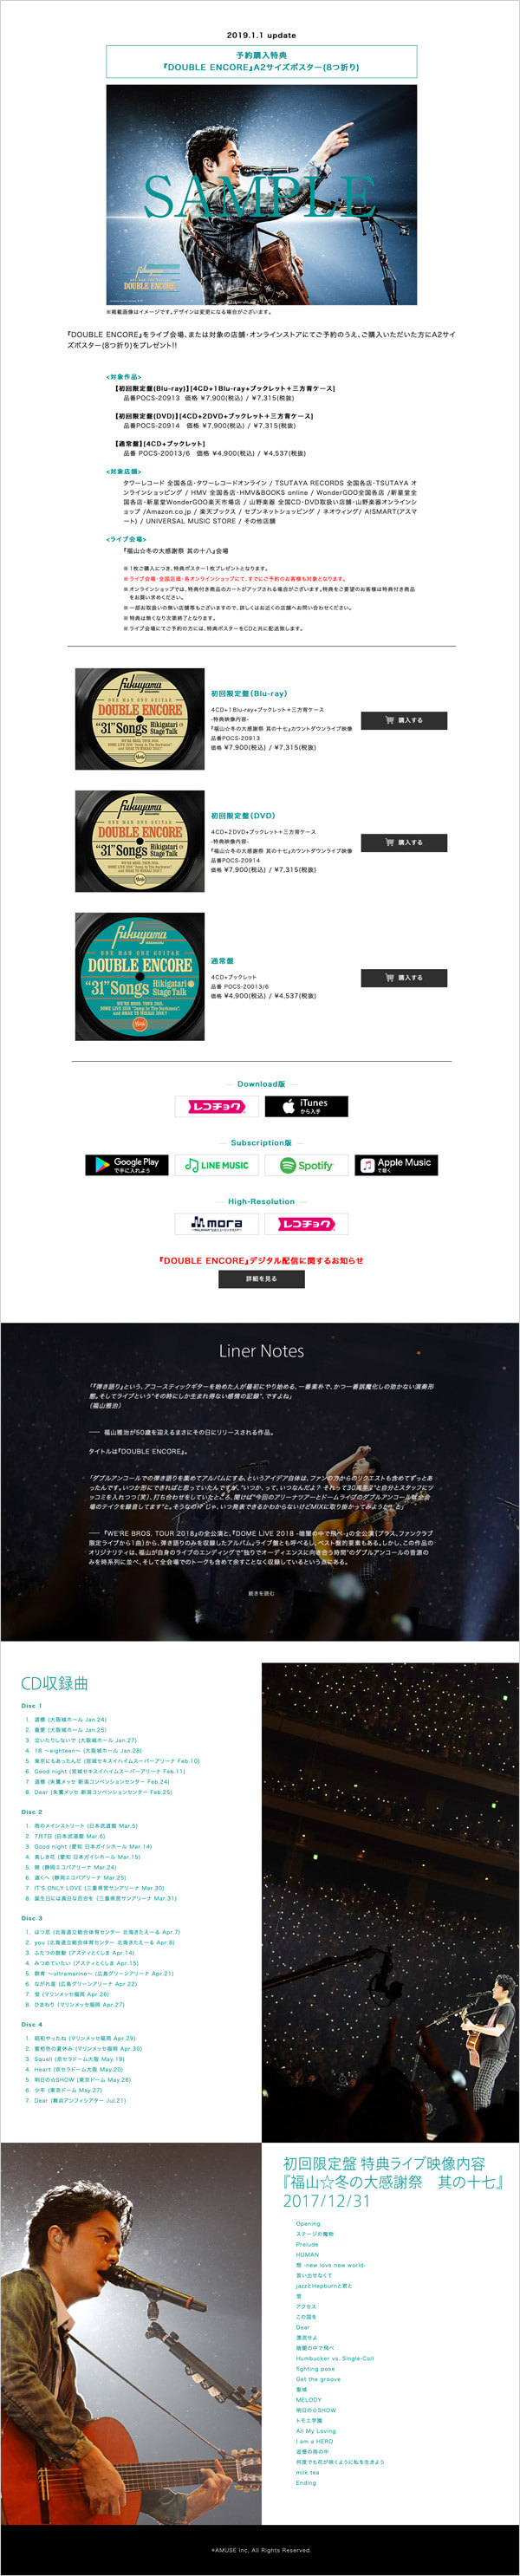 福山雅治 「DOUBLE ENCORE」特設サイト